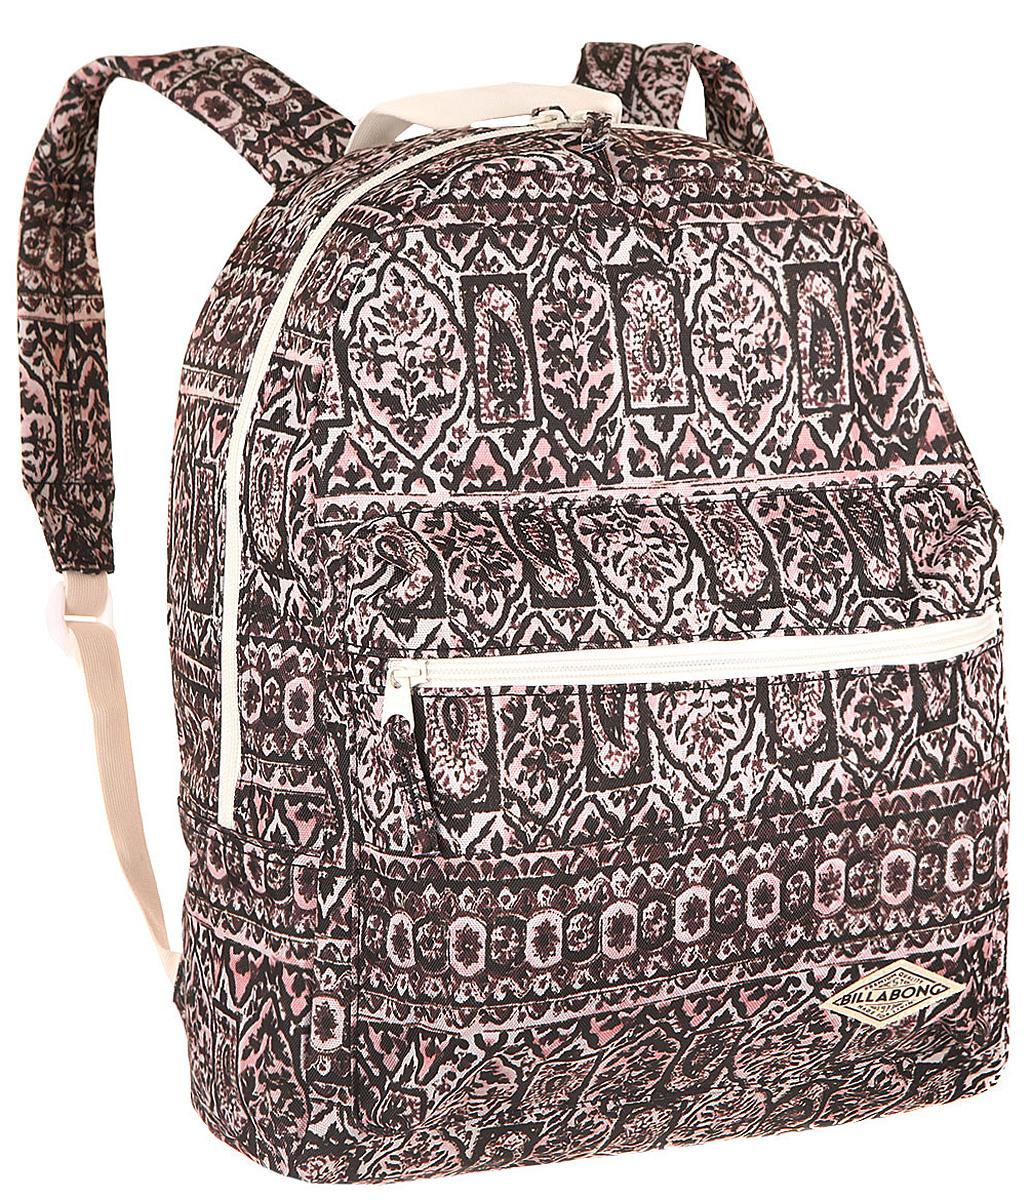 Рюкзак городской Billabong Breezy Shorez, цвет: темно-вишневый , 18 л1125040Стильный рюкзак Billabong с абстрактным принтом составит Вам отличную компанию для перемещений по городу. Внутри рюкзака есть такое актуальное в наши дни отделение для ноутбука или планшета, а снаружи предусмотрен небольшой карман на молнии для мелочей